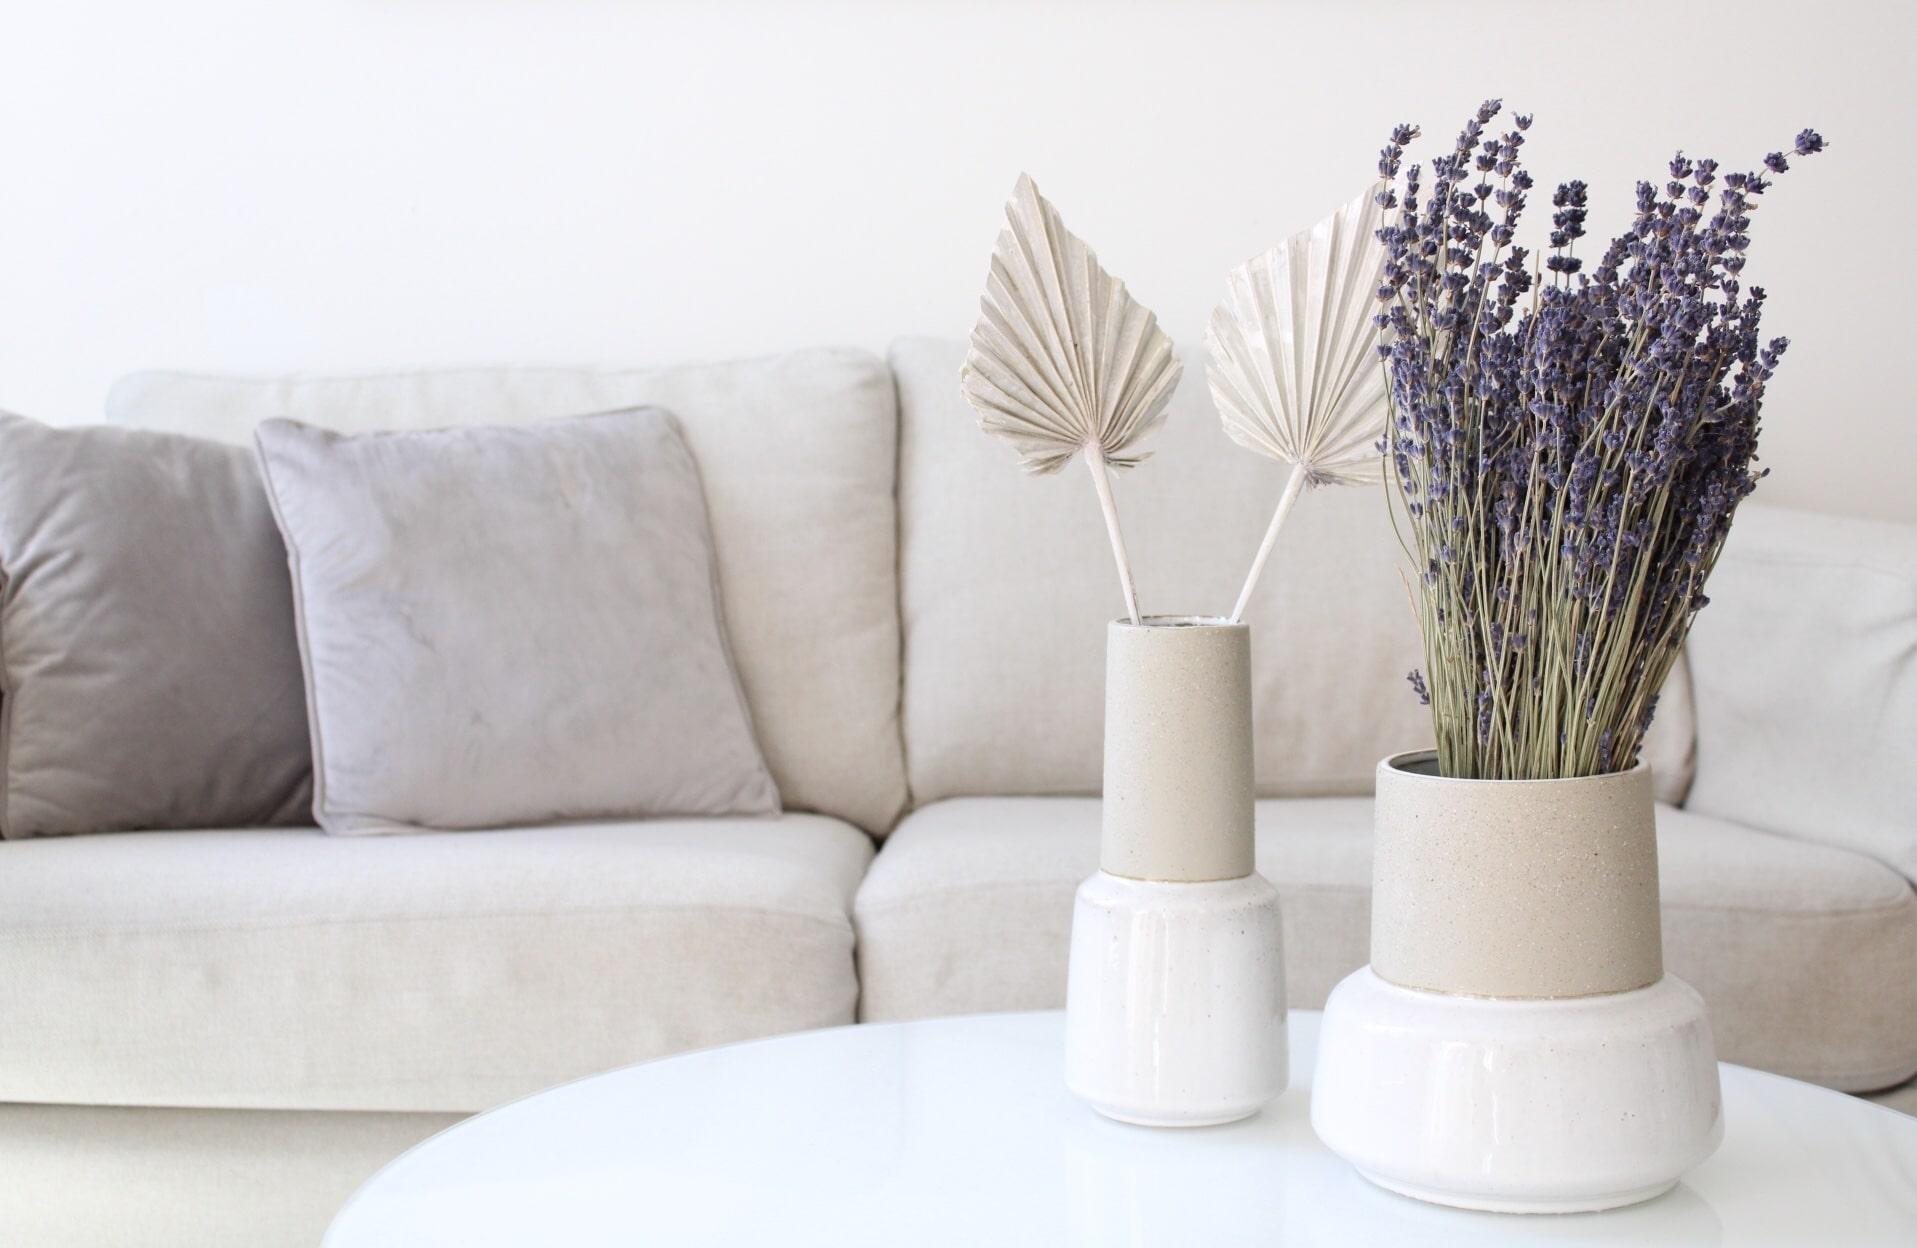 inspirationen desmondo homestory Kreationen mit Blumen